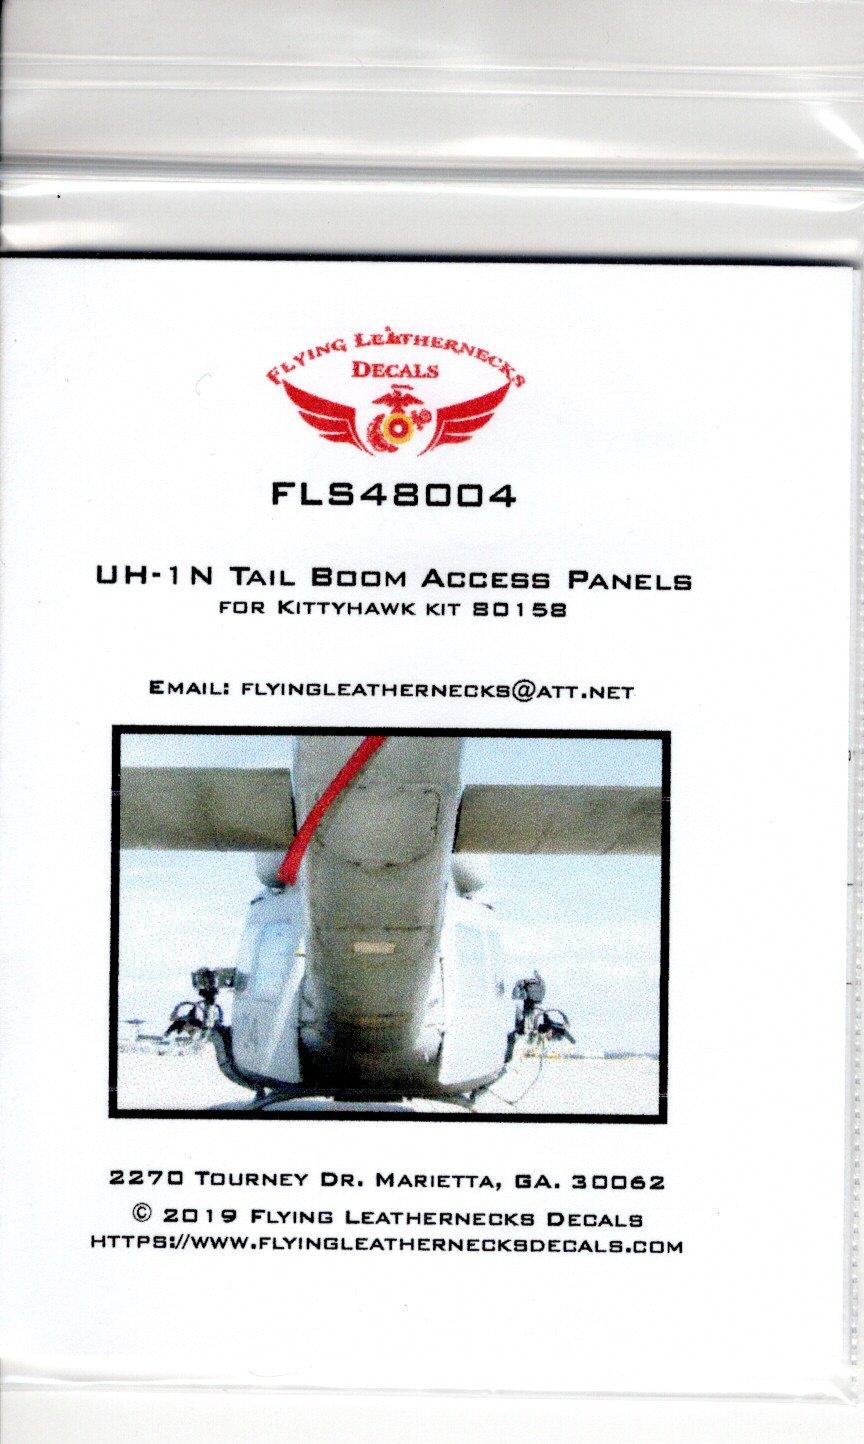 FLS48004